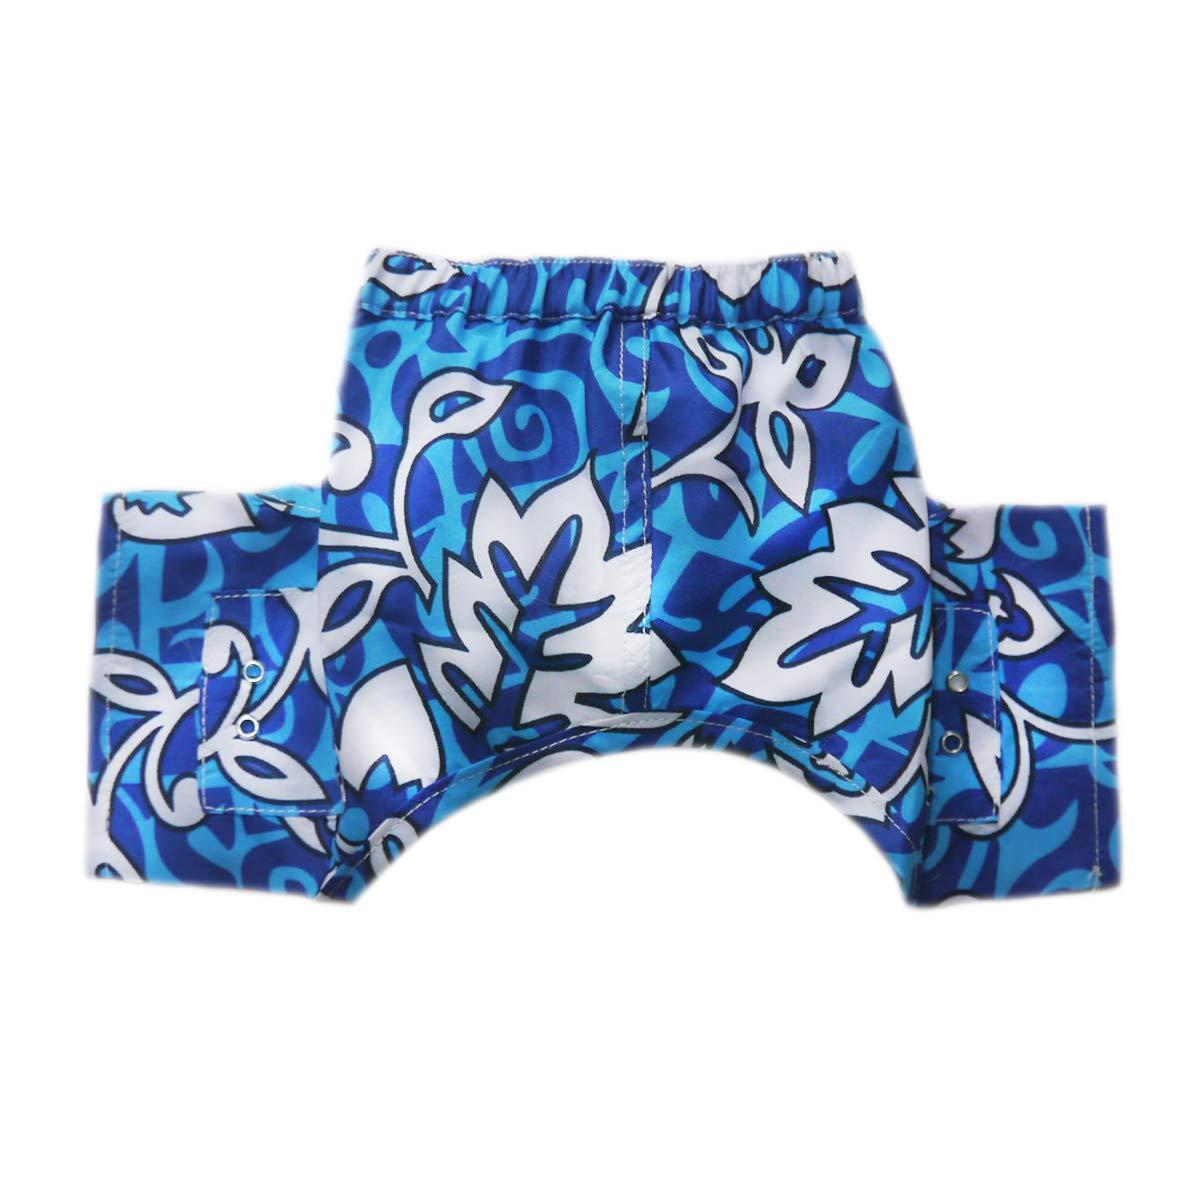 Malibu Dog Swim Trunks - Blue